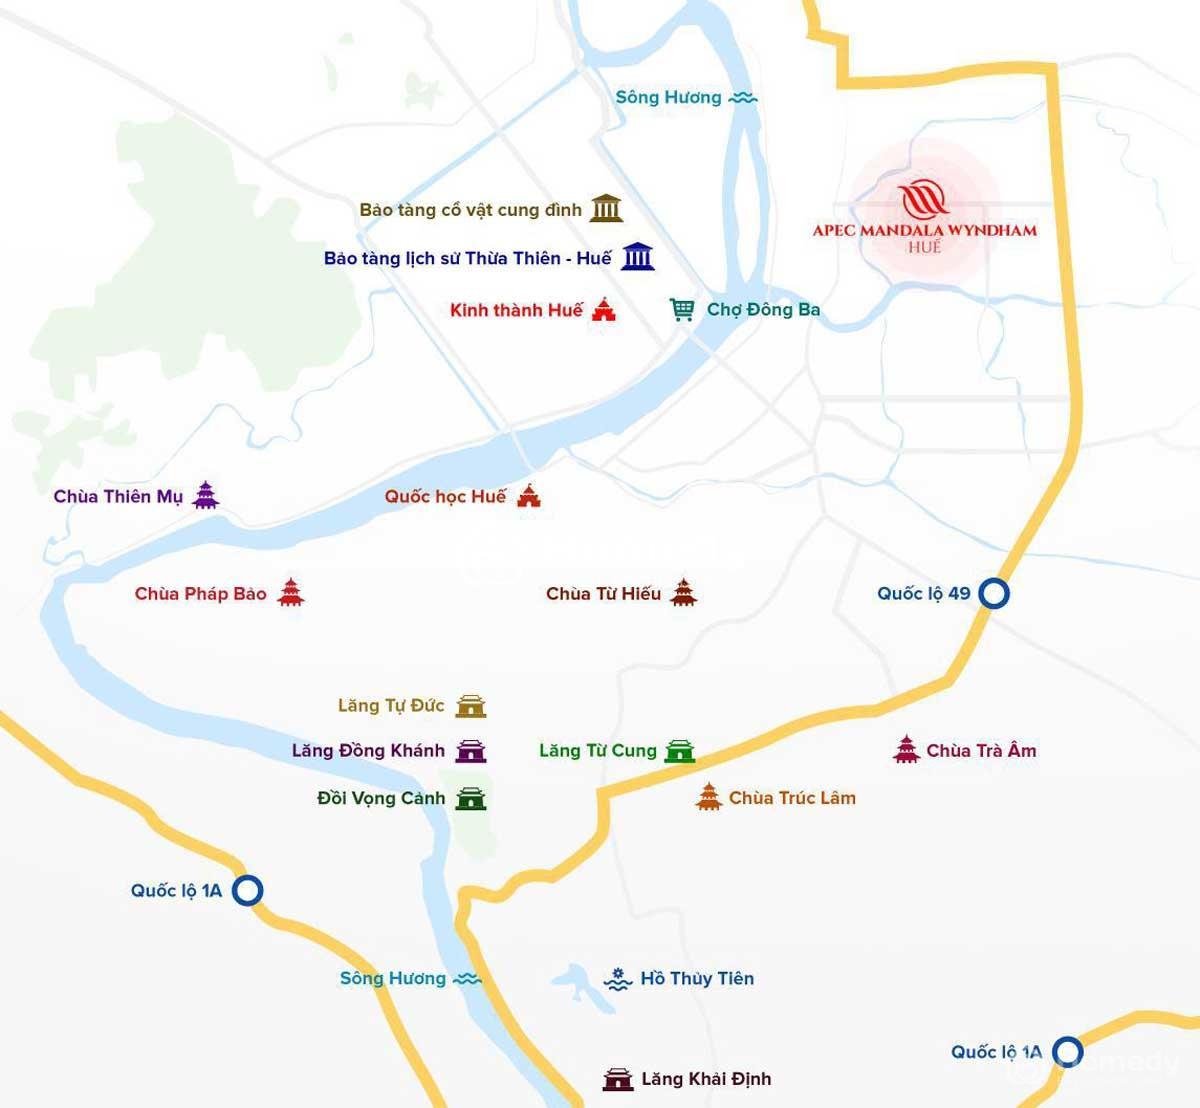 Vị trí pec Mandala Wyndham huế trên bản đồ